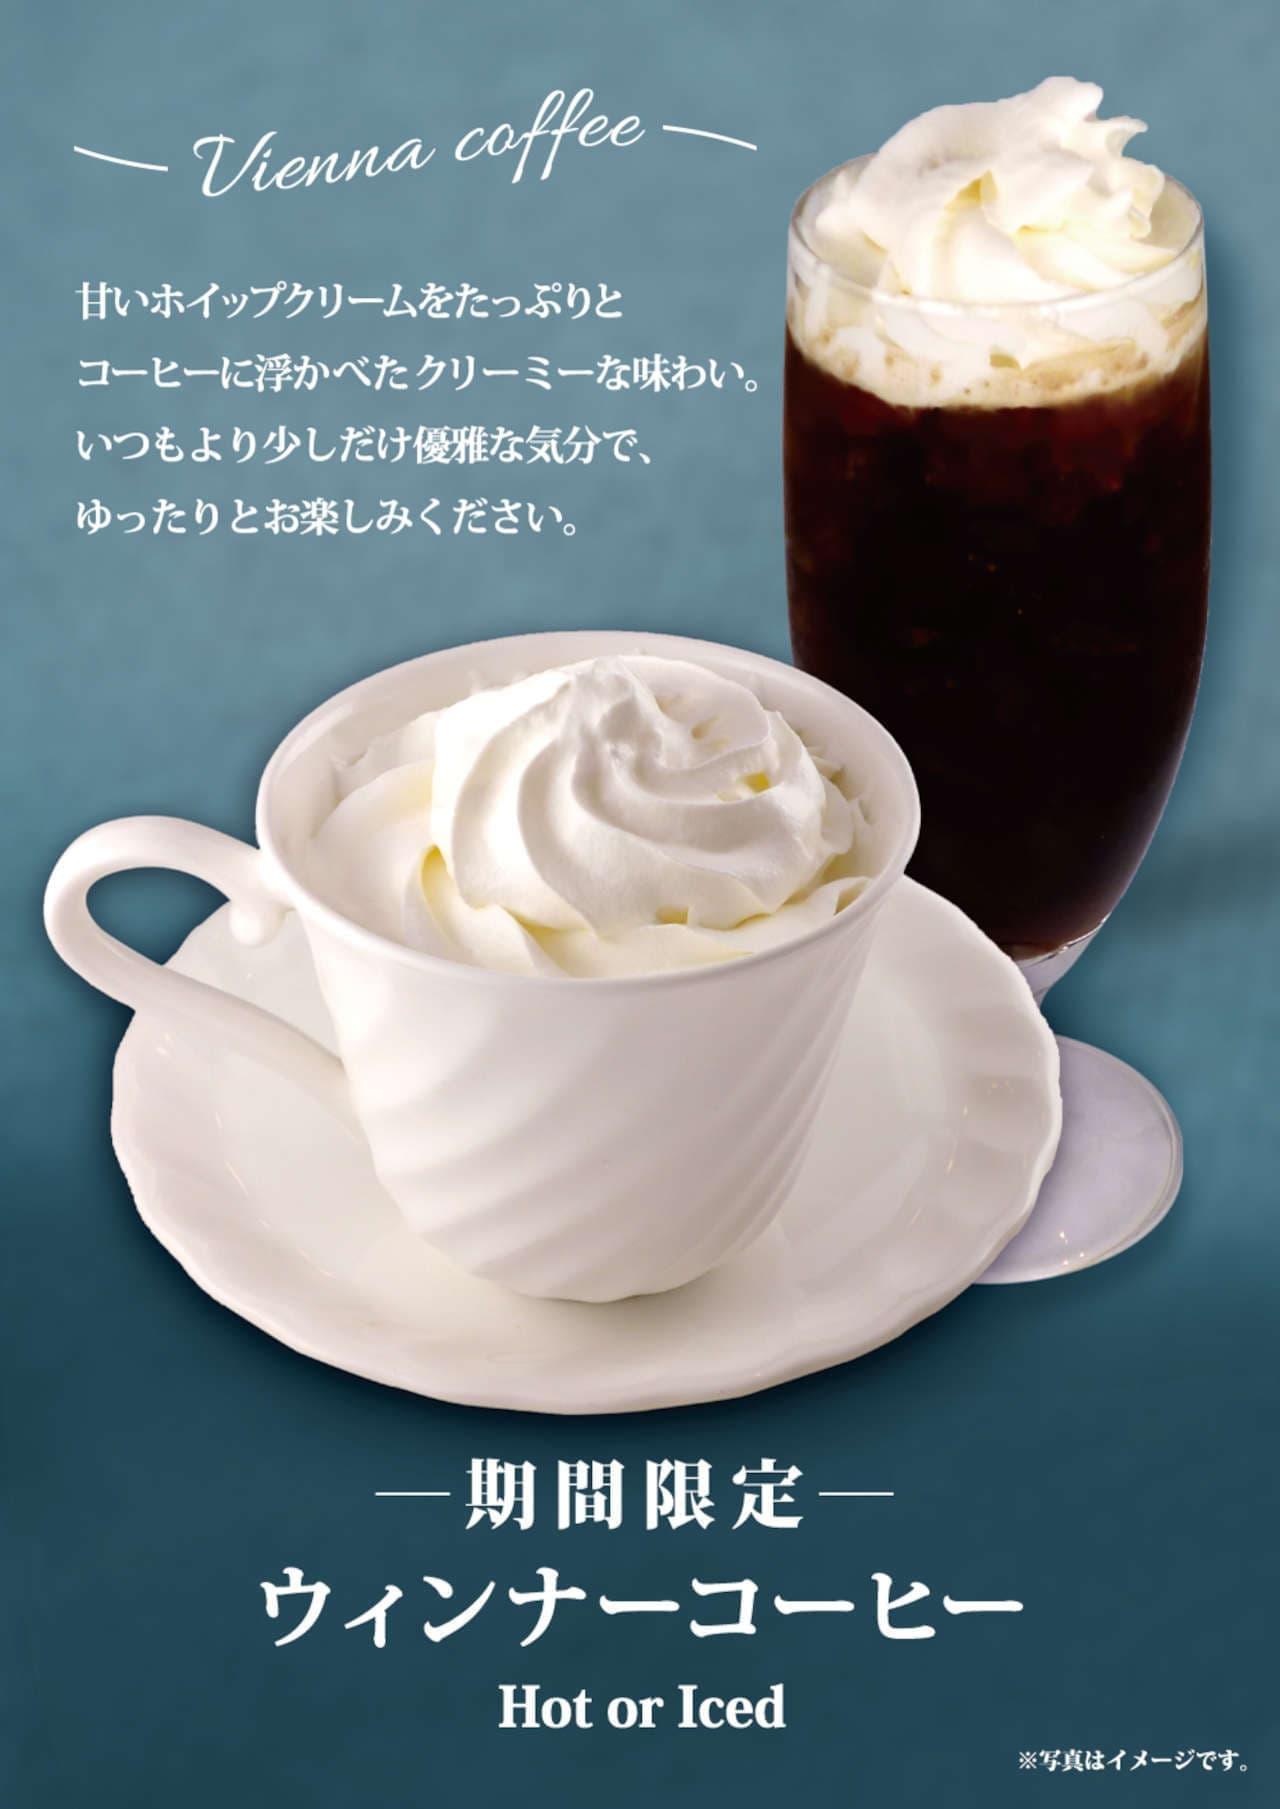 喫茶室ルノアール「ウィンナーコーヒー」